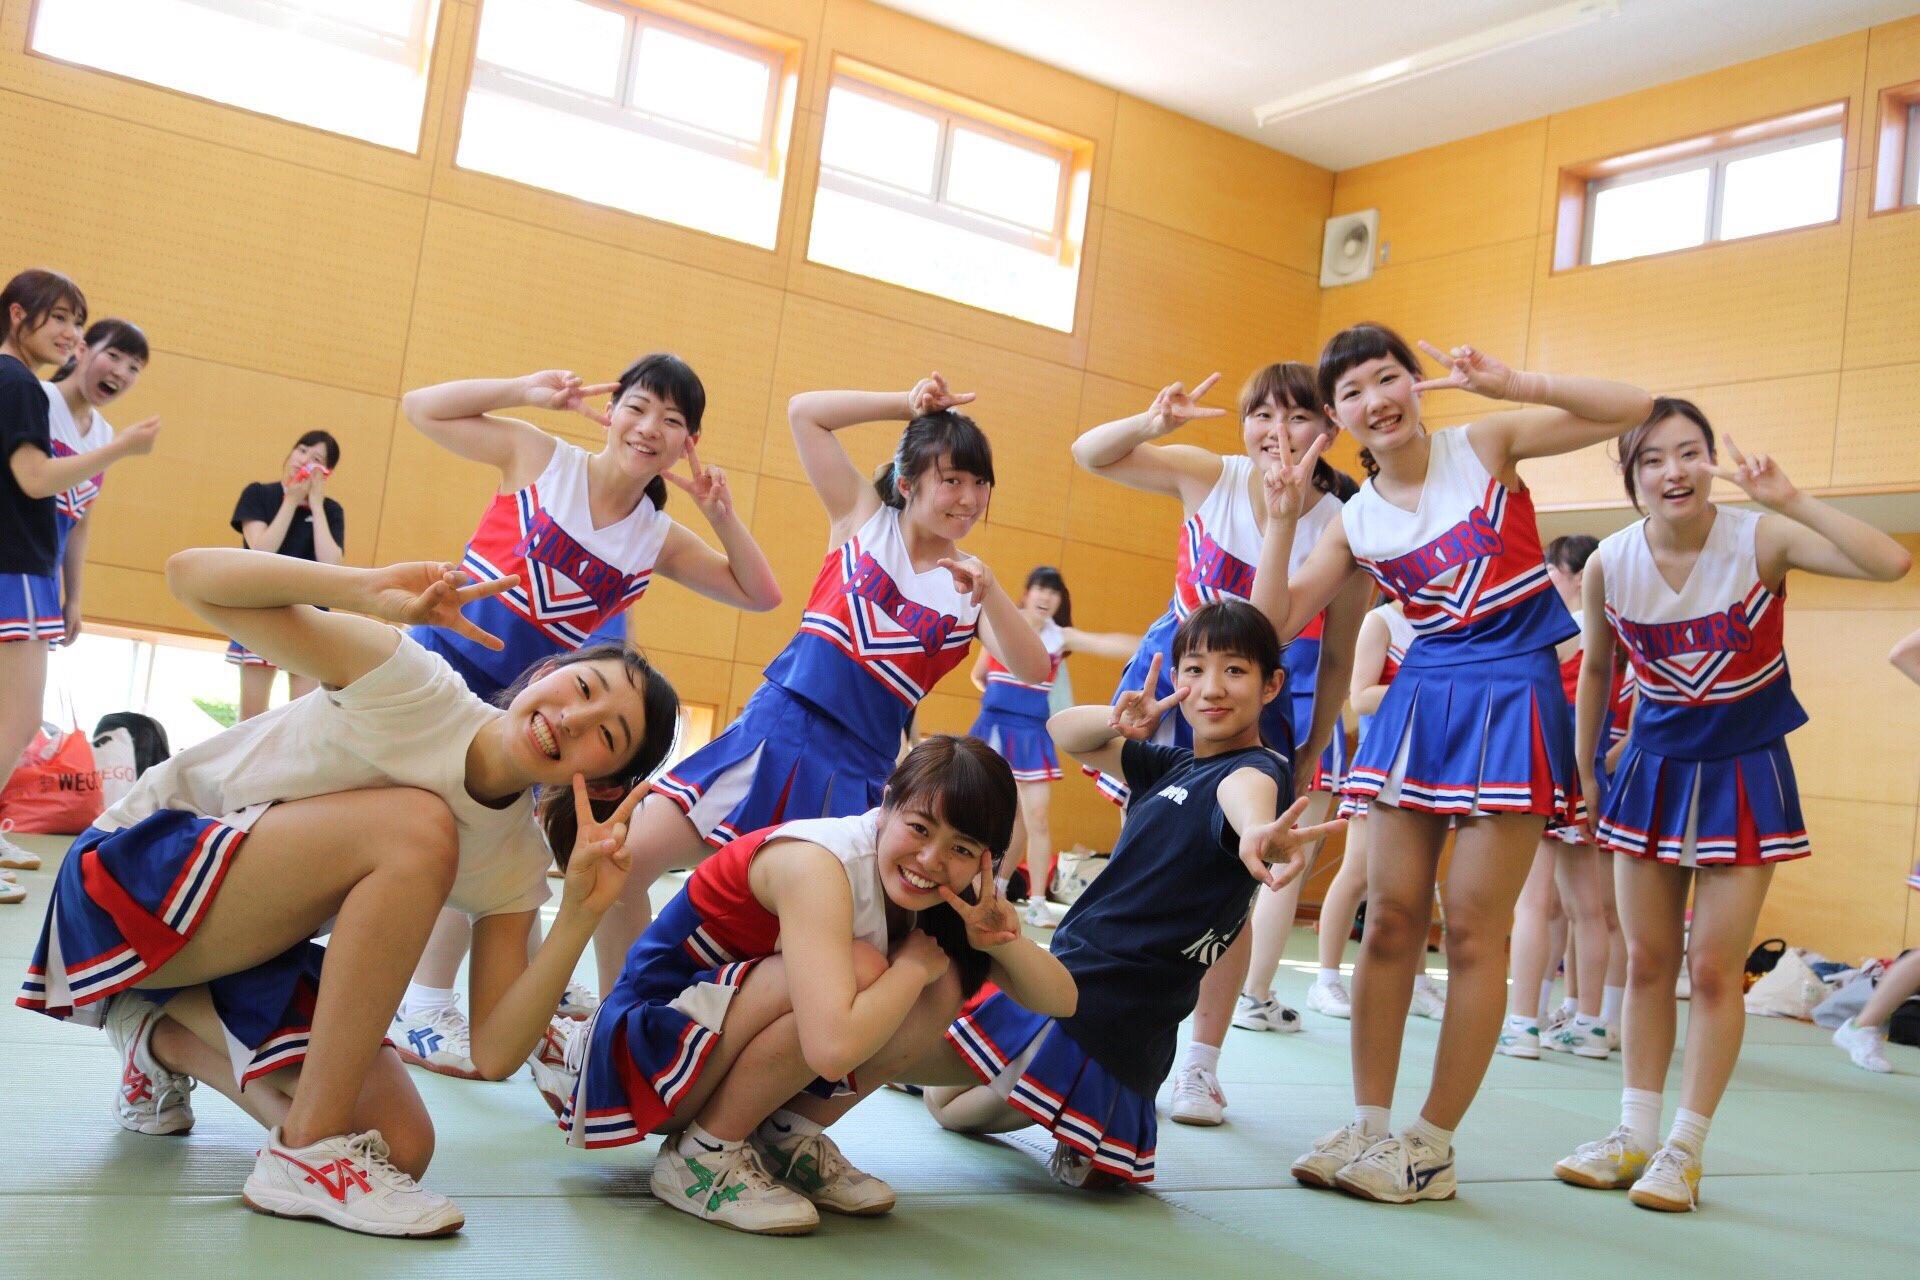 女子高生の運動部やチアリーダーの引き締まった体。いやらしい体してるなあ。 a9yjNRO